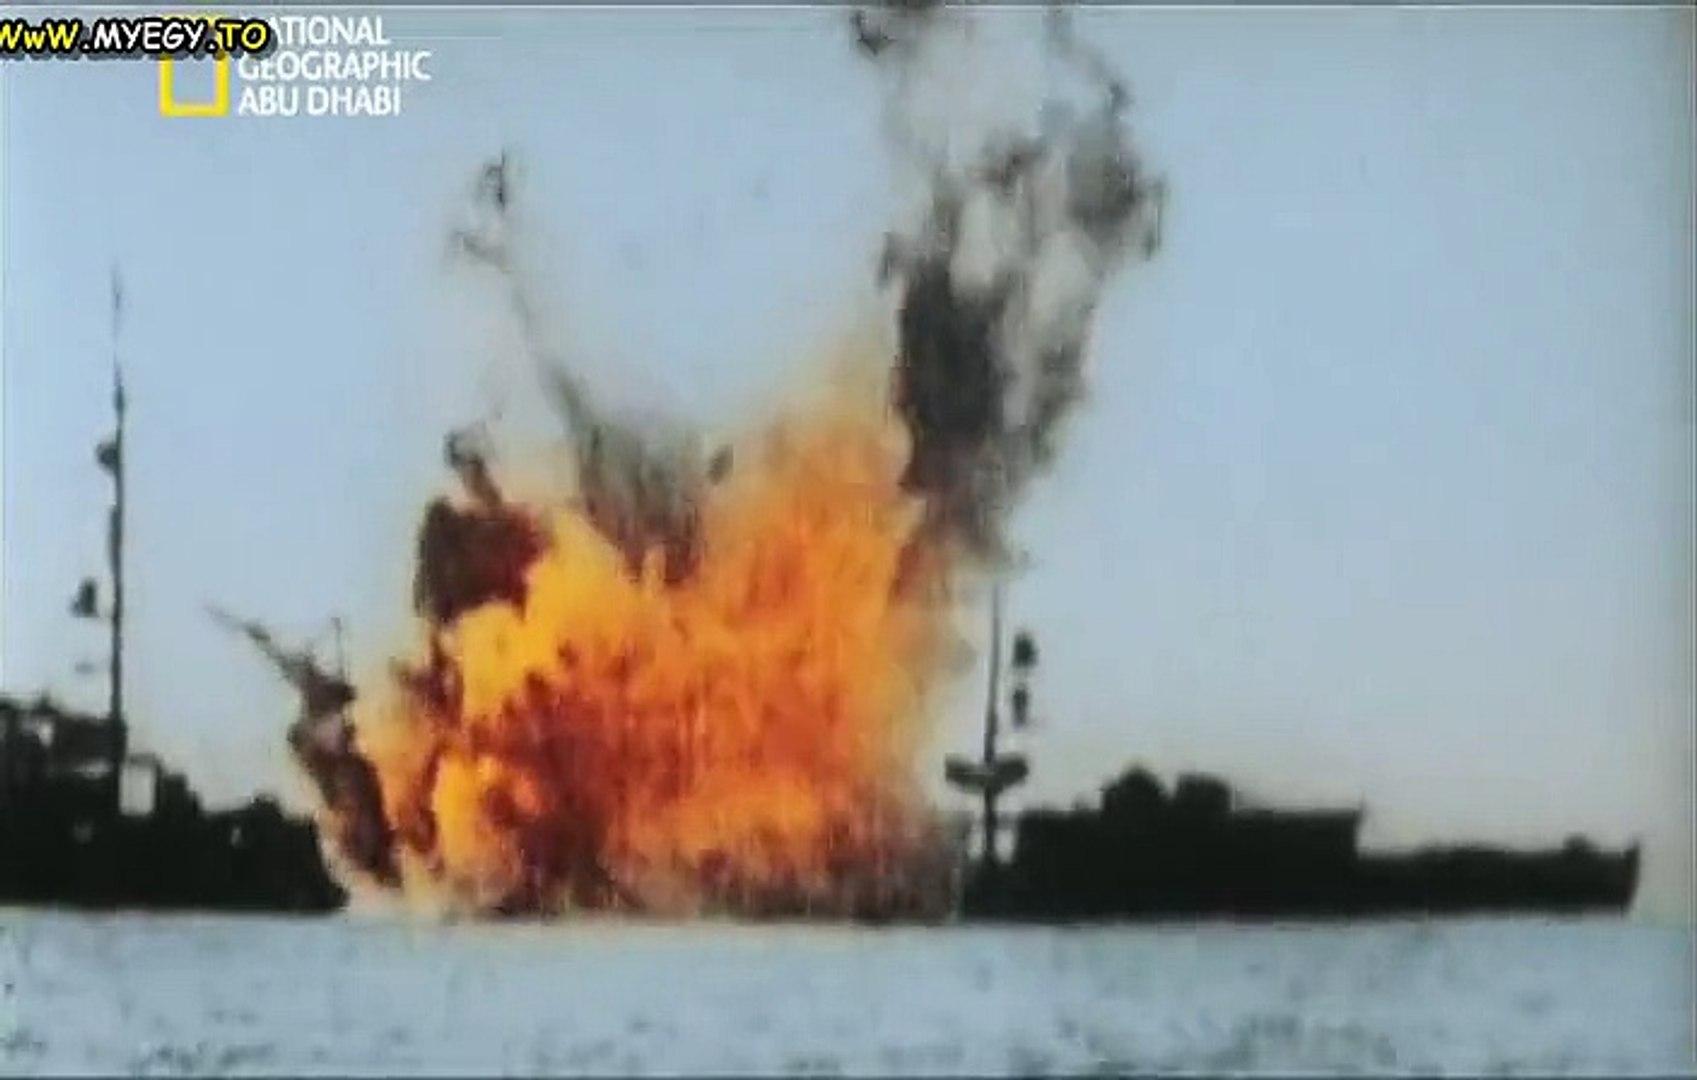 وثائقى أبُكاليبس الحرب العالمية الأولى الحلقة 4